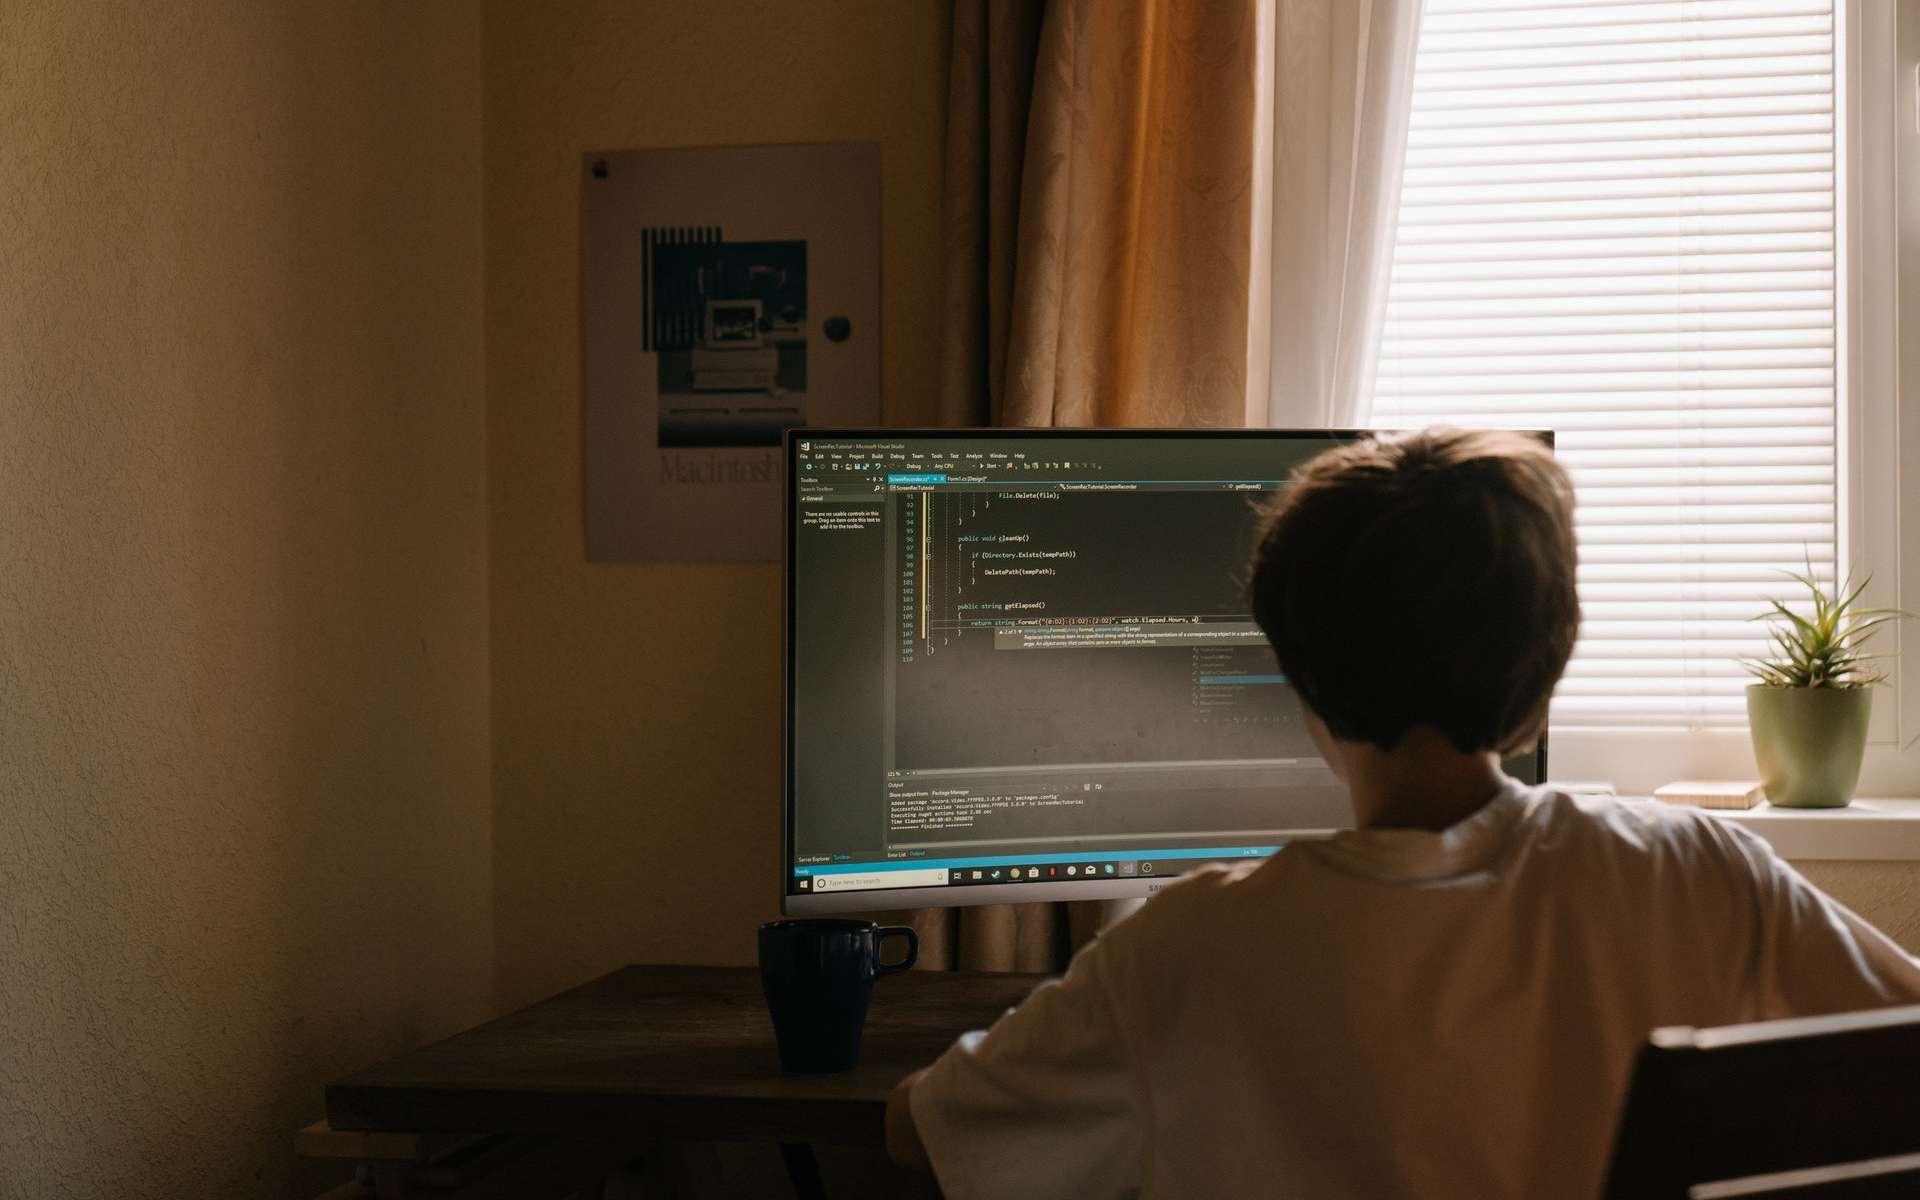 Pourquoi utiliser un VPN ? © cottonbro, Pexels